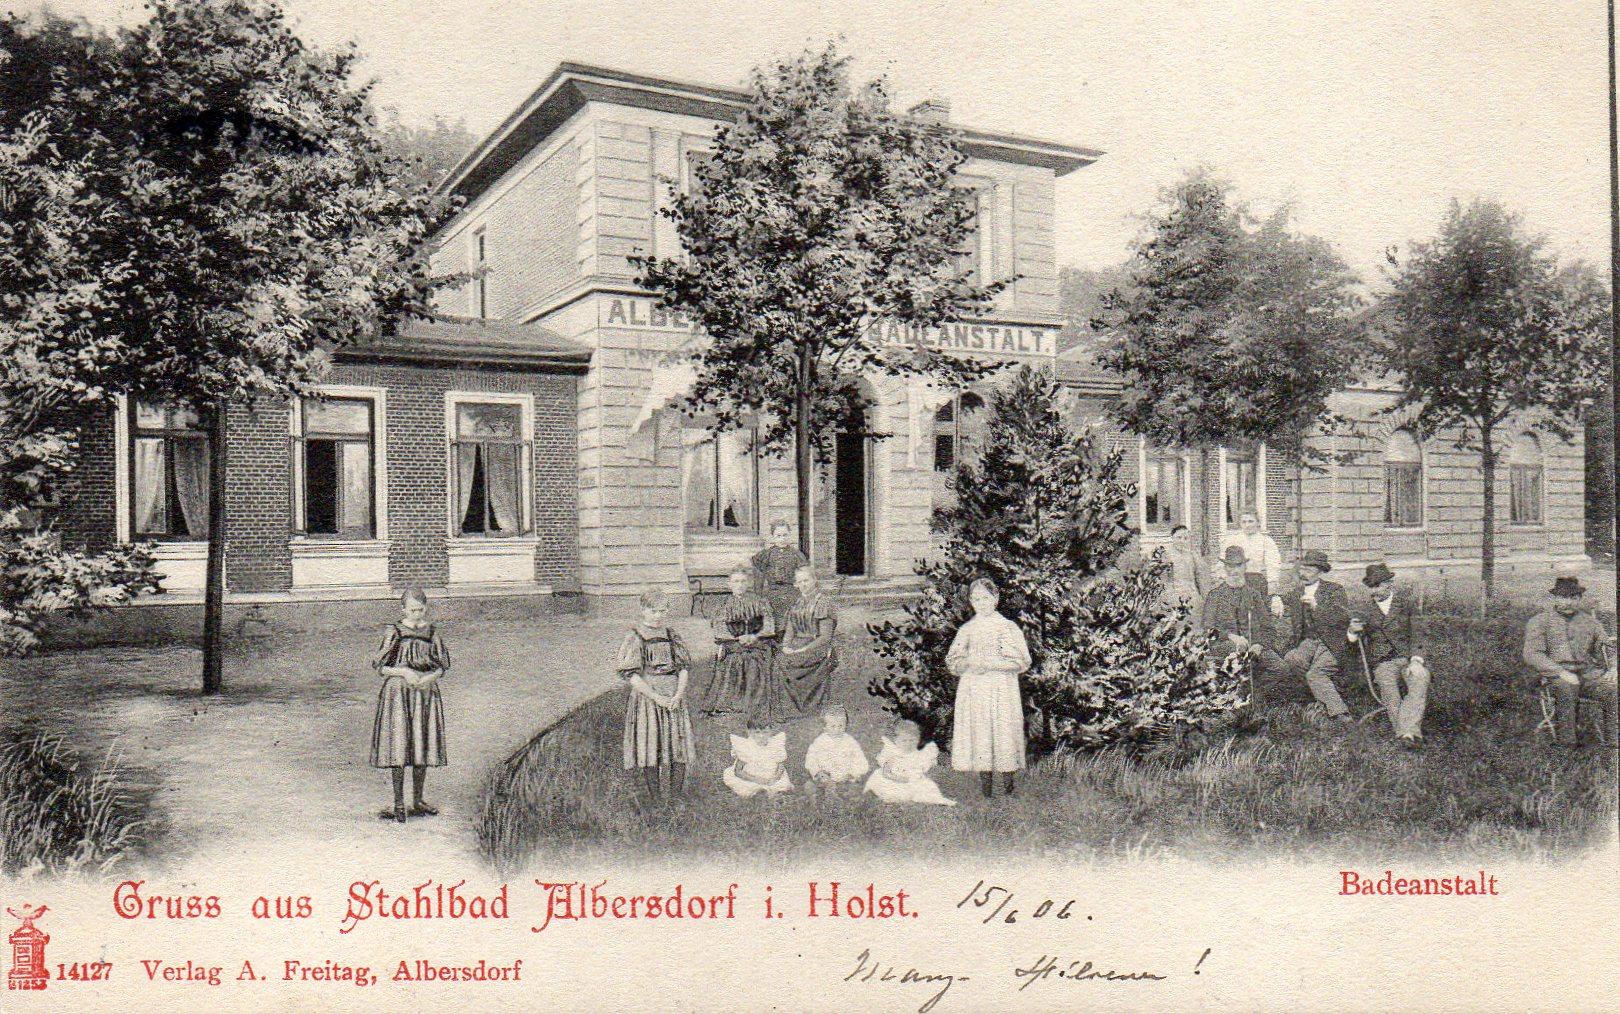 Stahlbad Albersdorf